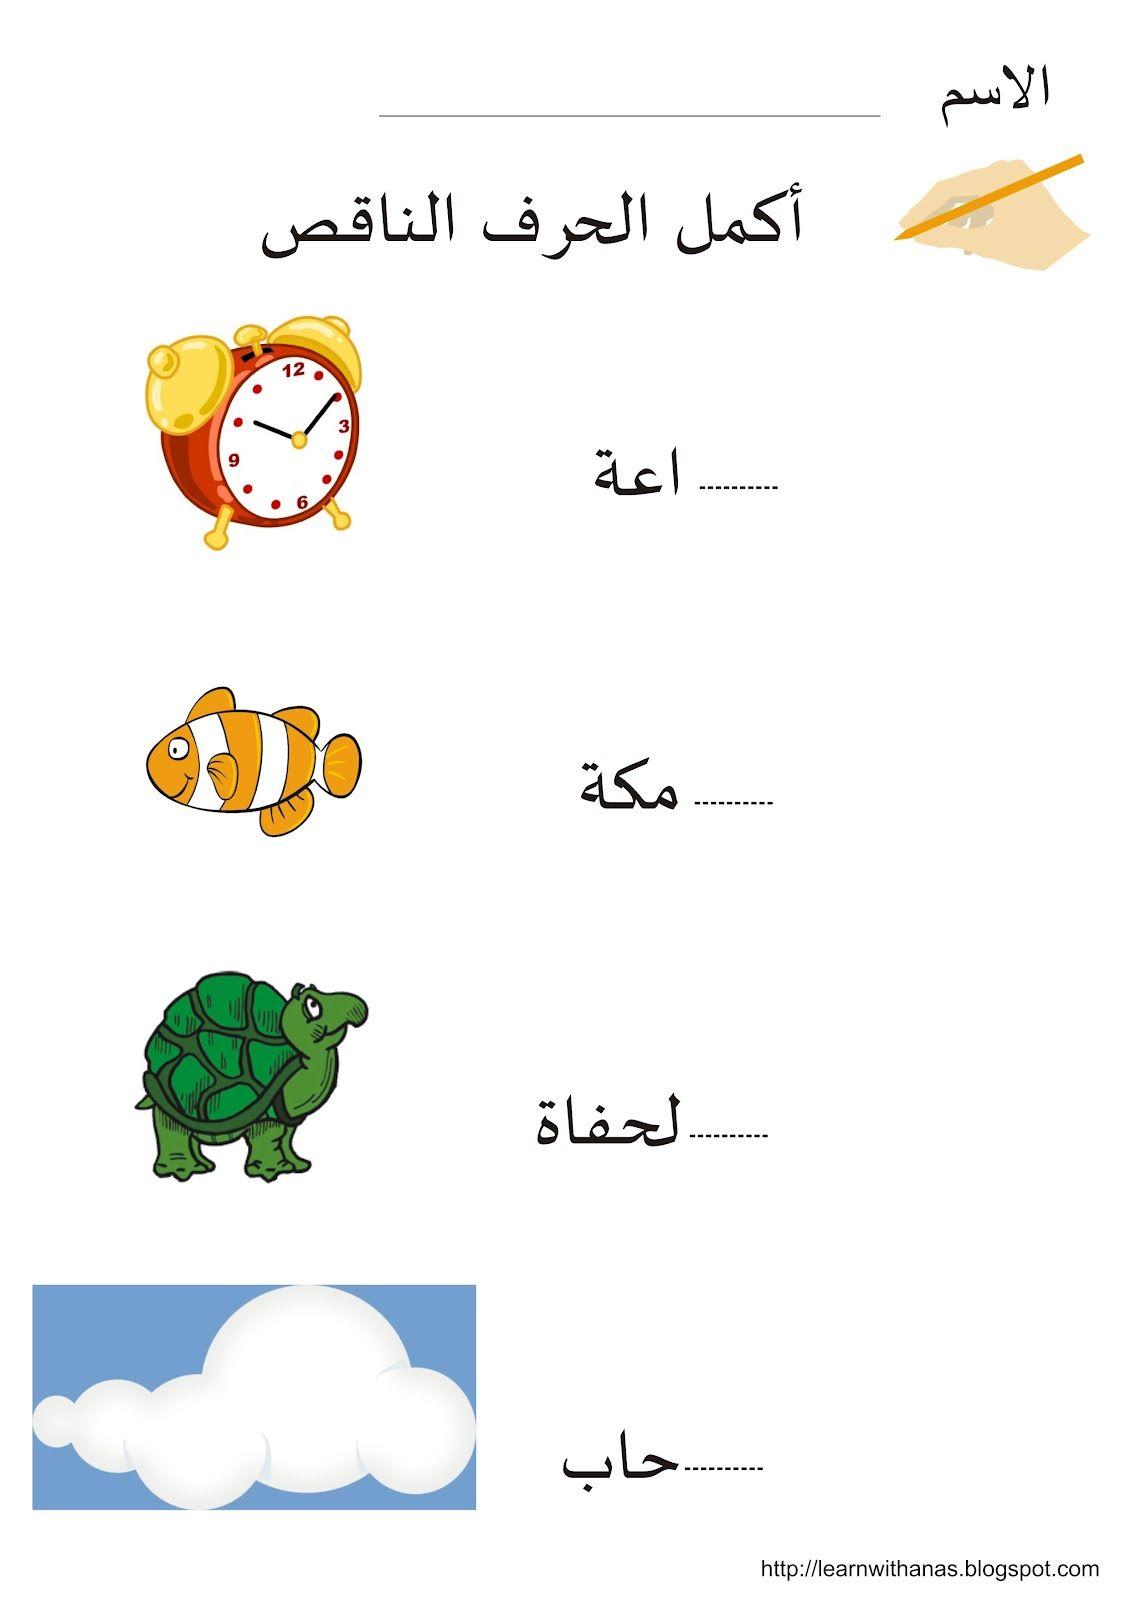 تعلم مع أنس أكتب وتتبع ولون الحرف س Arabic Alphabet For Kids Learning Arabic Arabic Kids